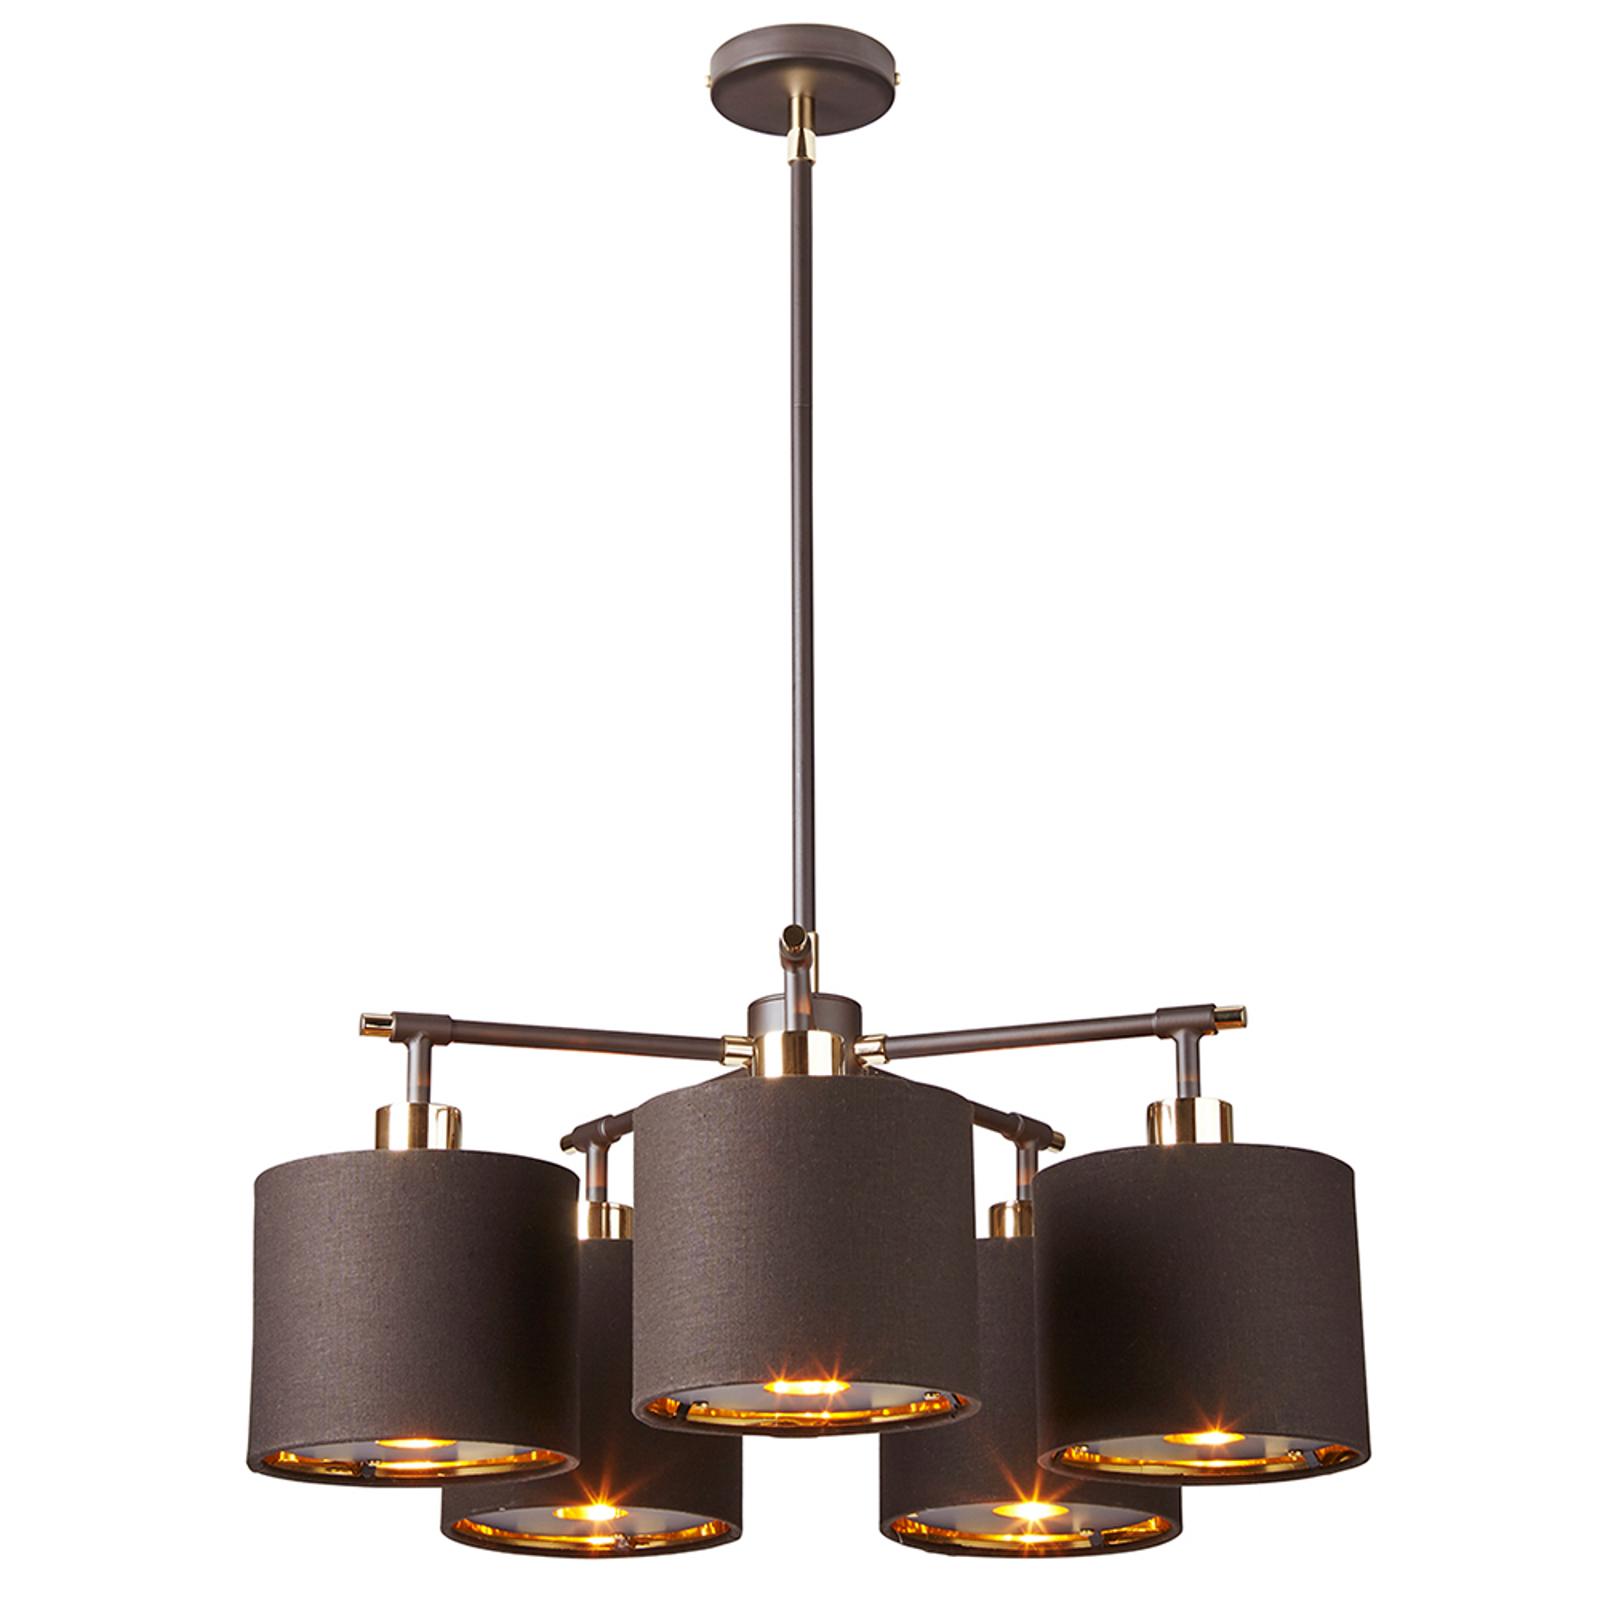 Pendellampe Balance i brunt og messing,5 lyskilder